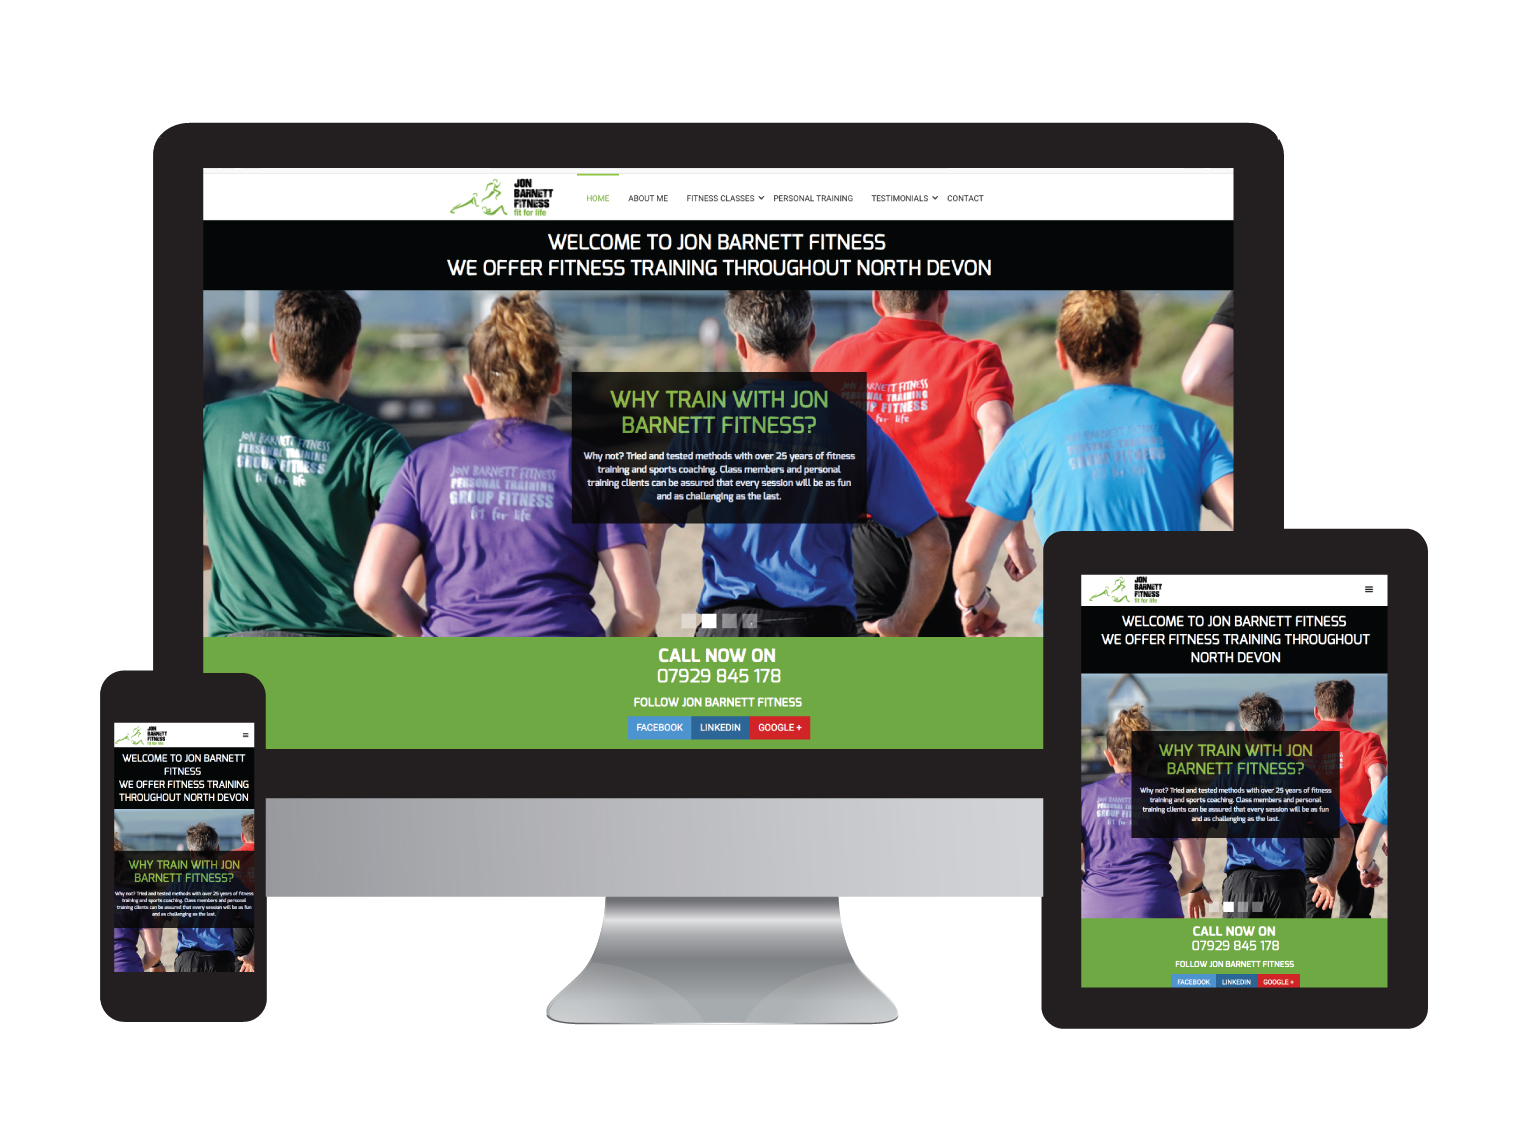 Jon Barnett Fitness - Design in the Shires | Web Design Worcestershire | Graphic Design Worcestershire | Website Designers Malvern, Worcestershire UK